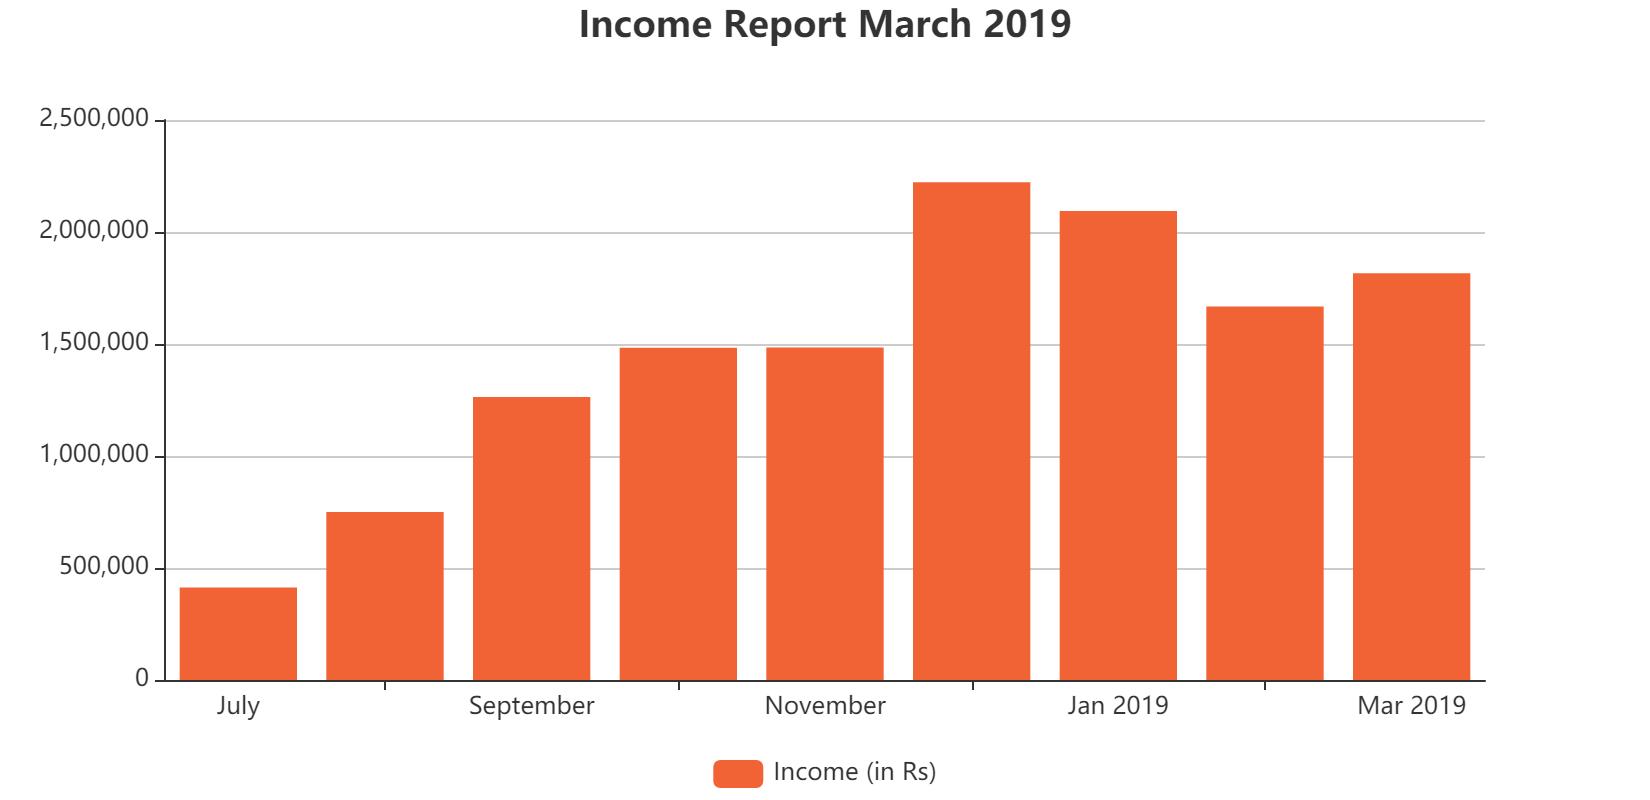 Income Report March 2019